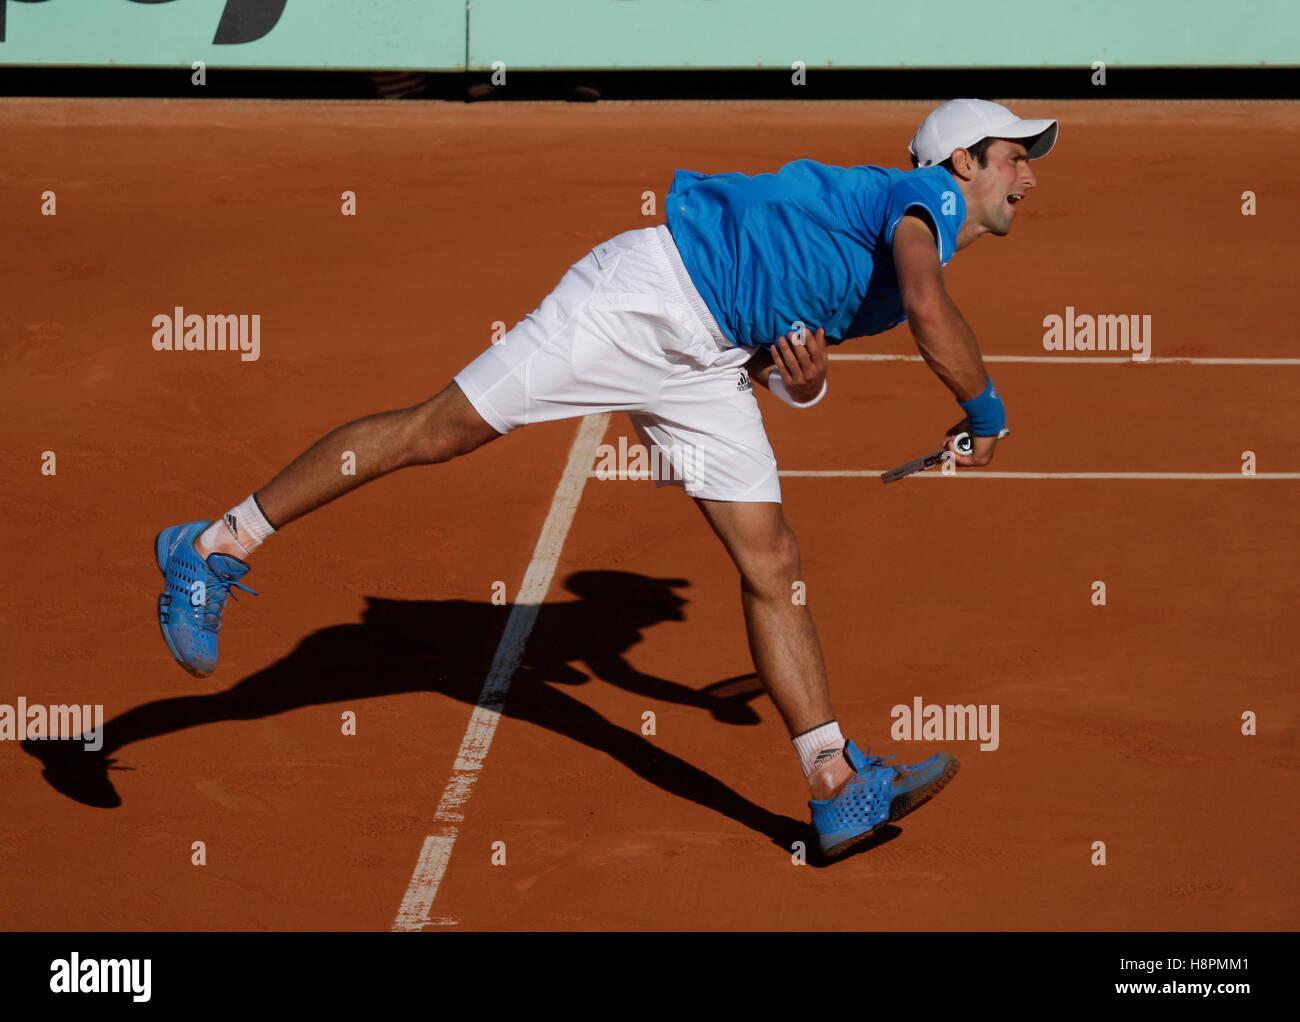 Novak Djokovic, Serbia, serving, tennis, the ITF Grand Slam tournament, French Open 2009, Roland Garros, Paris, - Stock Image